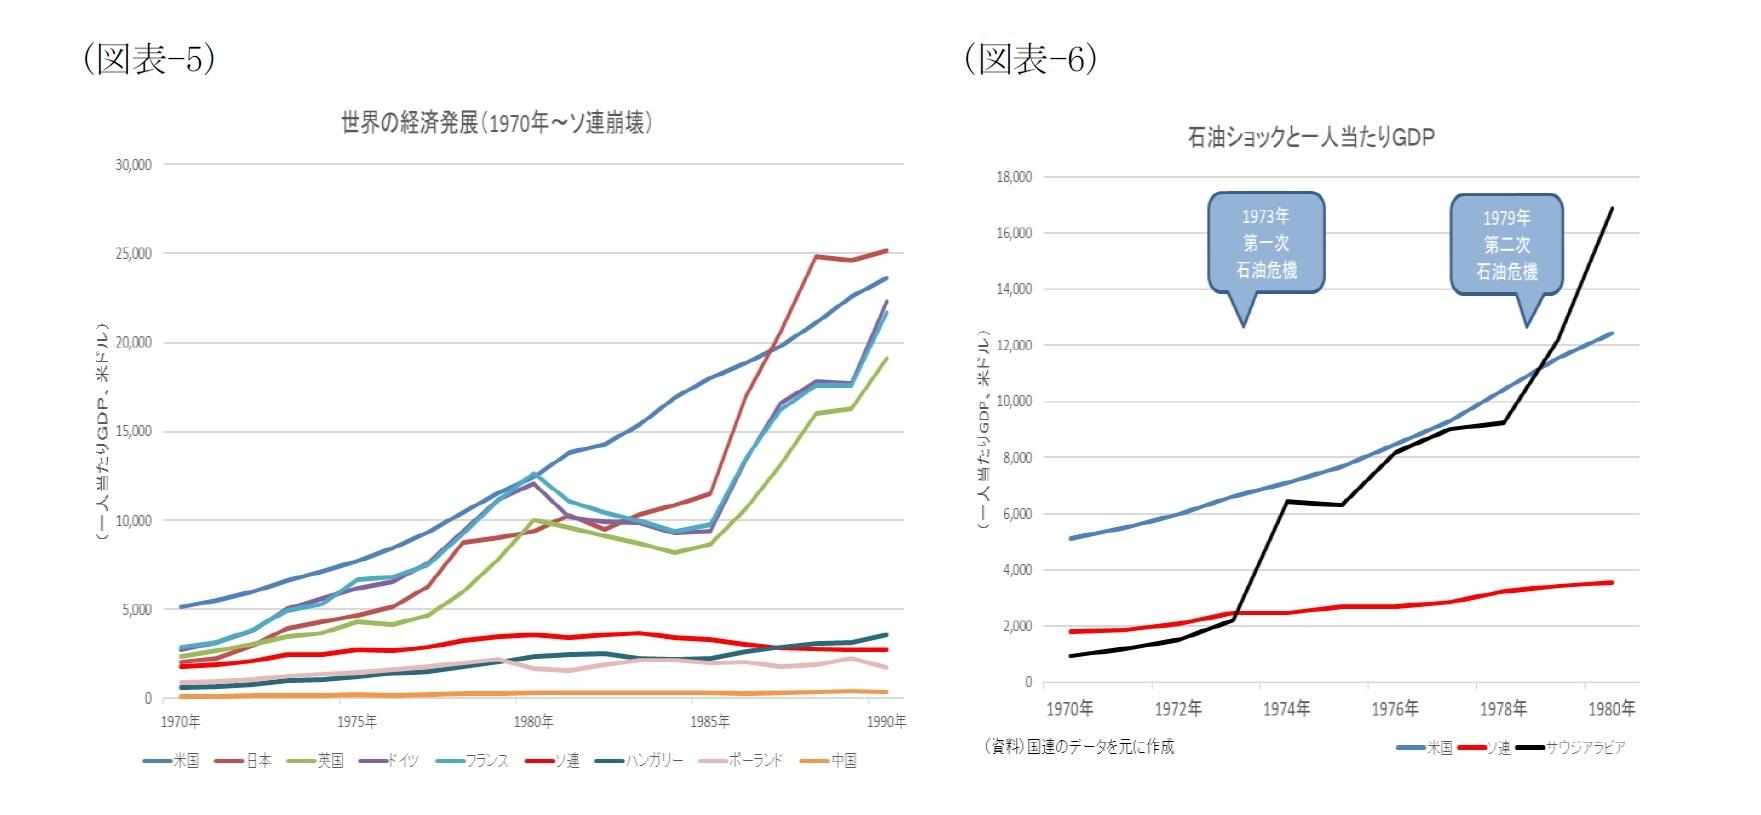 (図表-5)世界の経済発展(1970年~ソ連崩壊)/(図表-6)石油ショックと一人当たりGDP